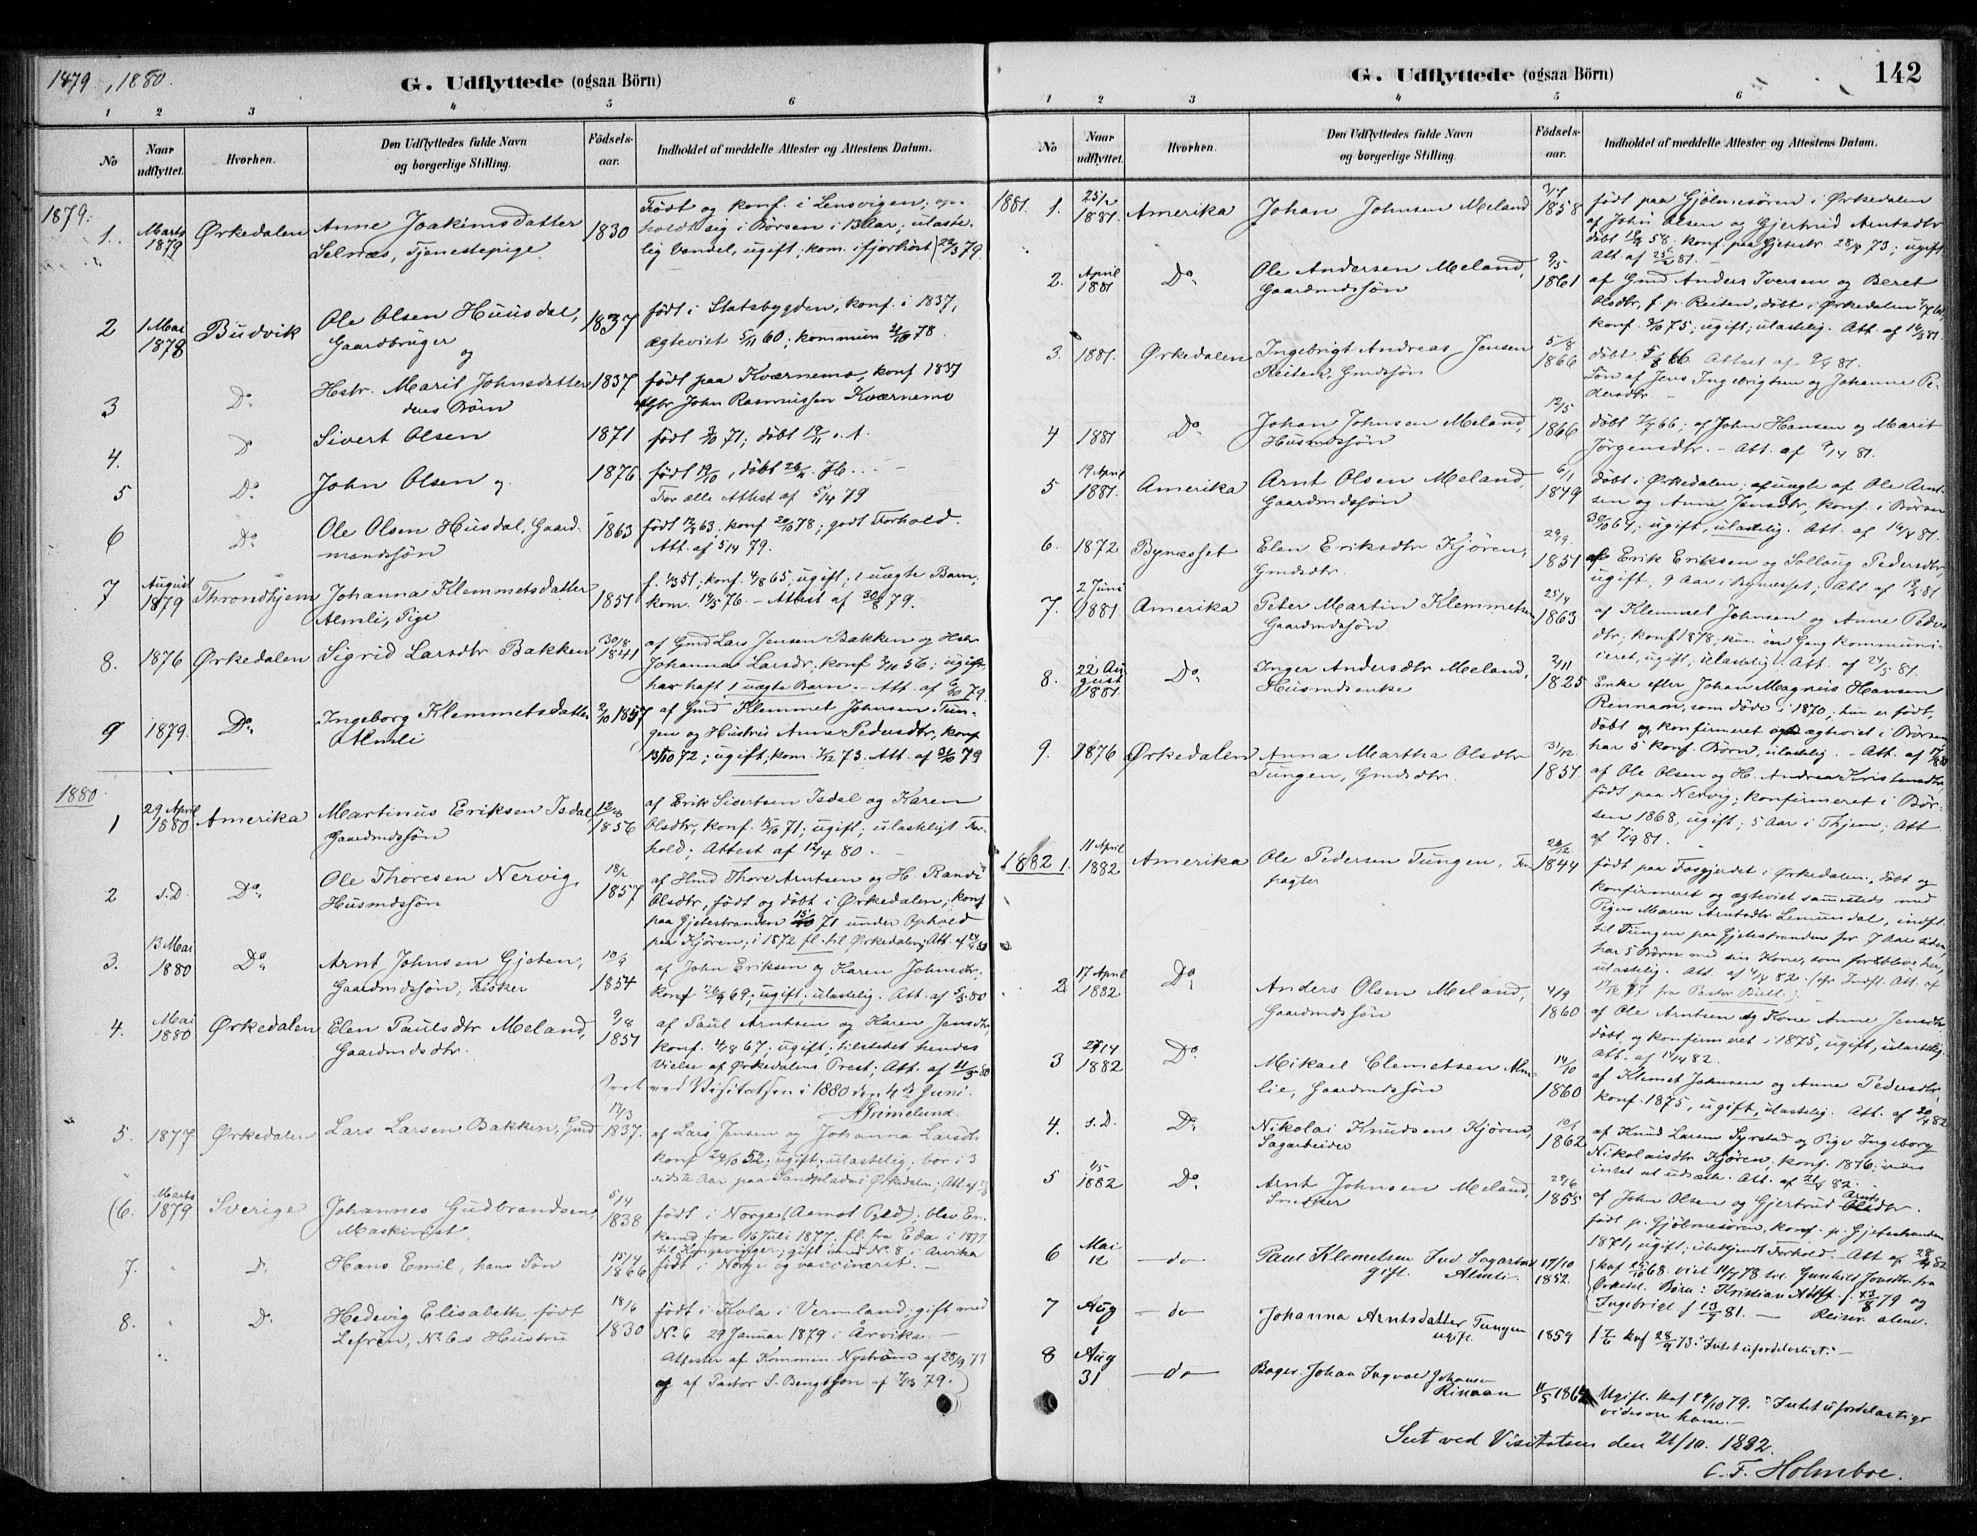 SAT, Ministerialprotokoller, klokkerbøker og fødselsregistre - Sør-Trøndelag, 670/L0836: Ministerialbok nr. 670A01, 1879-1904, s. 142